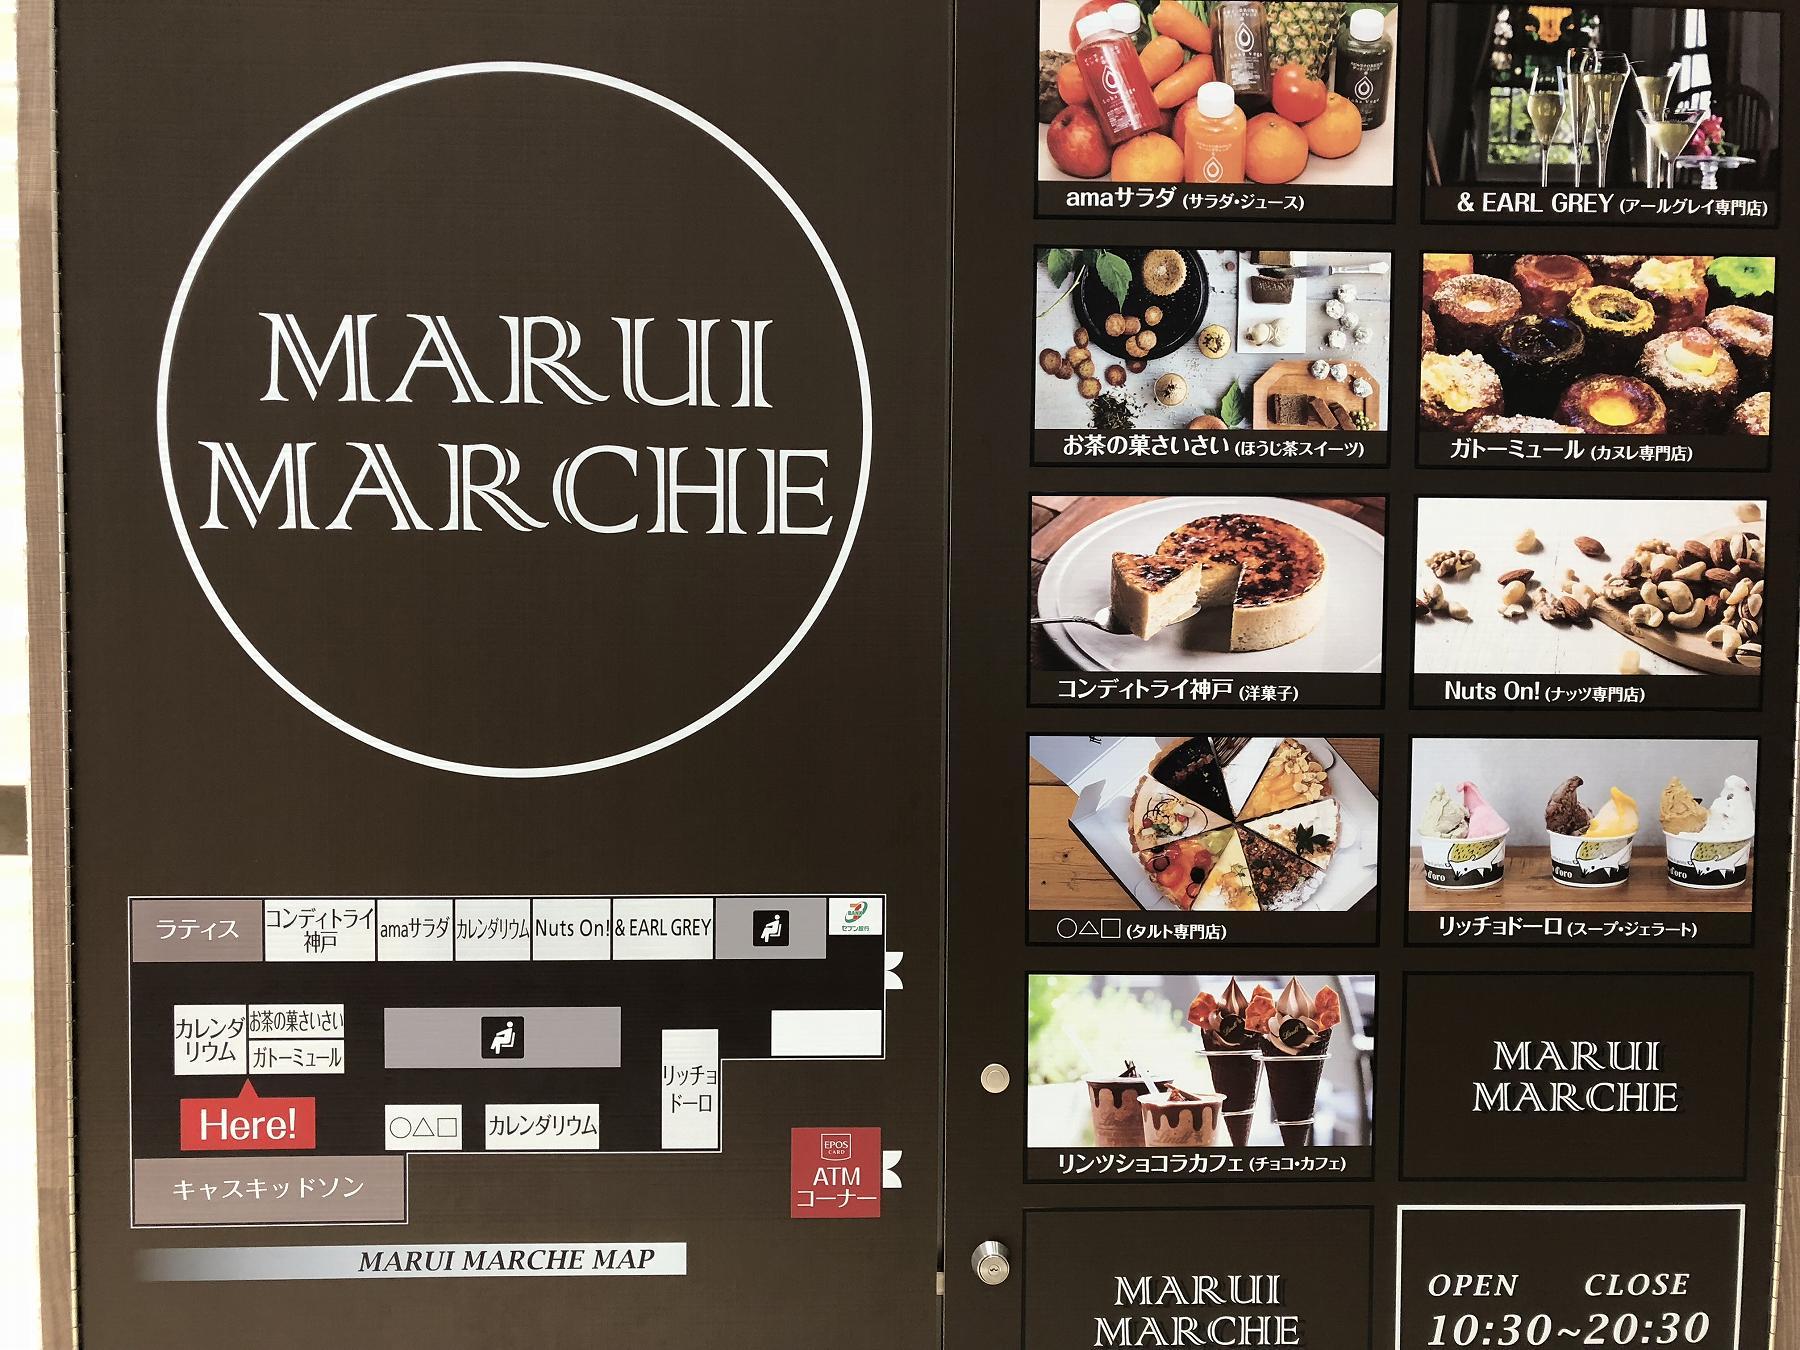 神戸マルイに食のフロア「マルイマルシェ」が4/25(水)オープン!立ち寄ってみた! #新規オープン #神戸マルイ #マルイマルシェ #神戸スイーツ